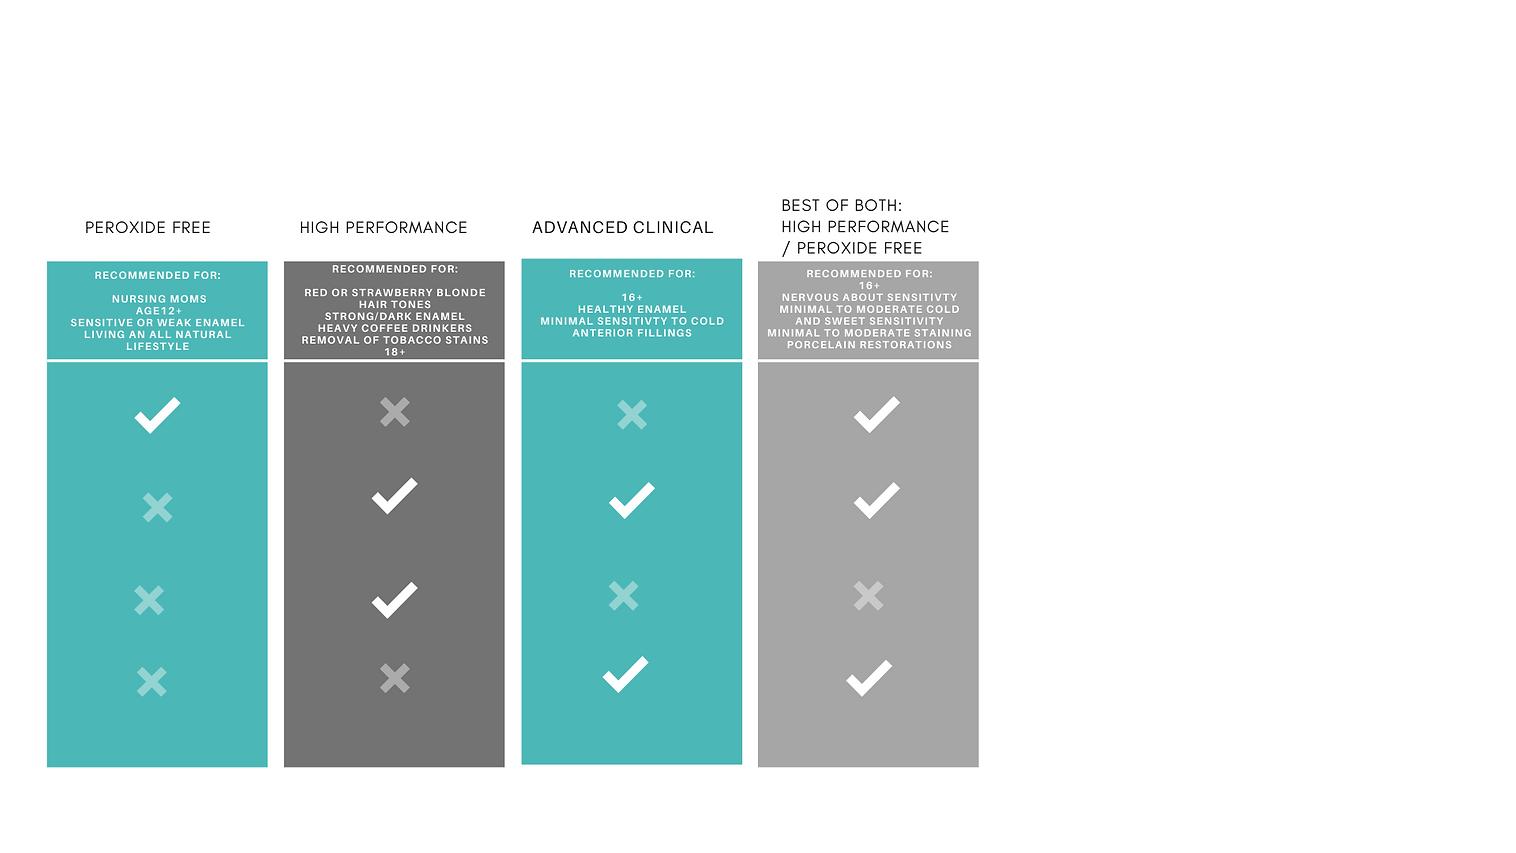 Blue and Black Comparison Chart Presenta